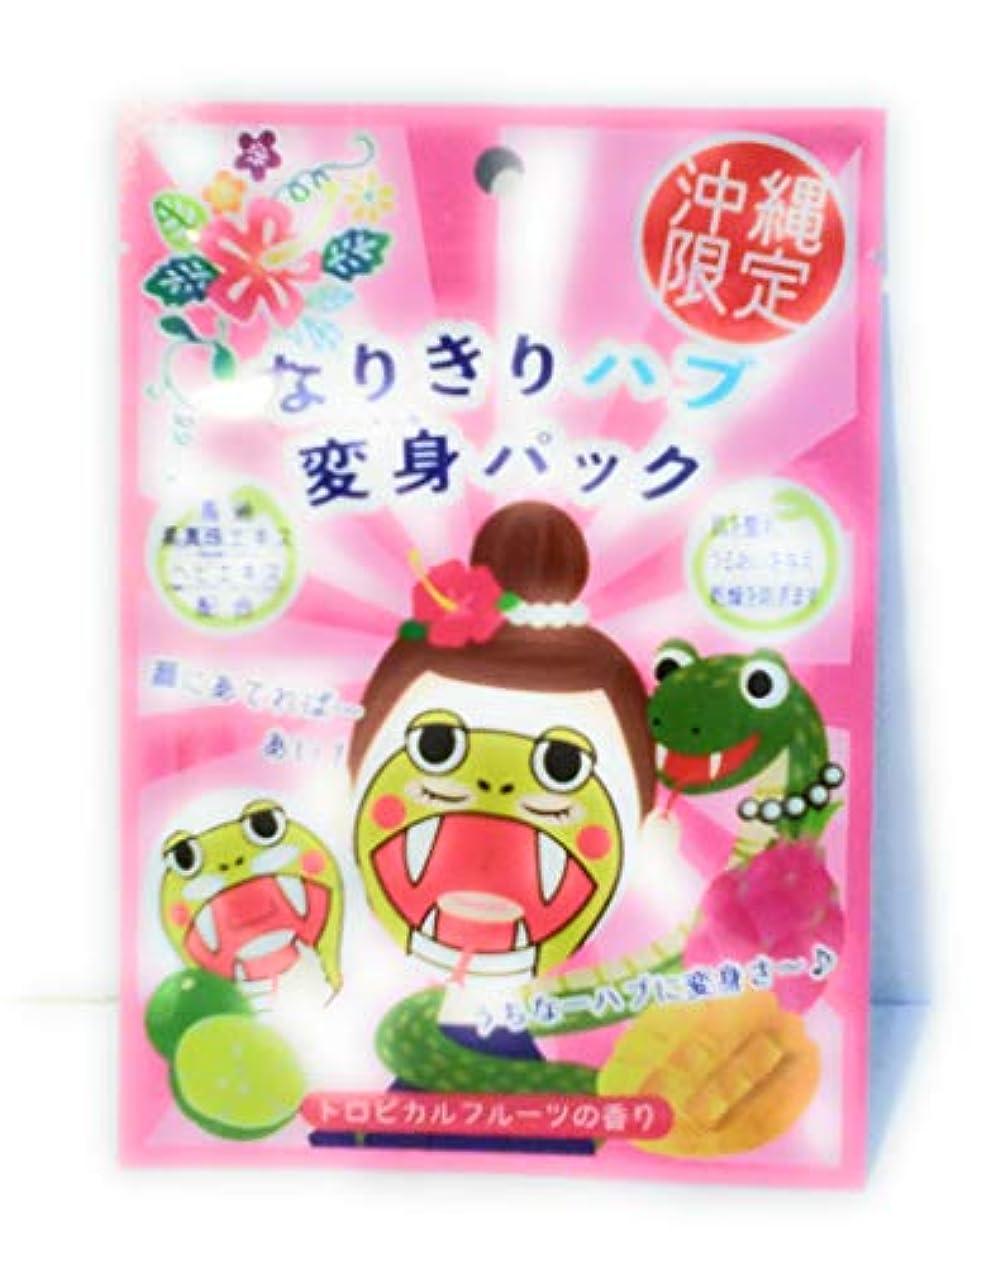 衰える小さいスカリー沖縄限定 なりきりハブ変身パック トロピカルフルーツの香り